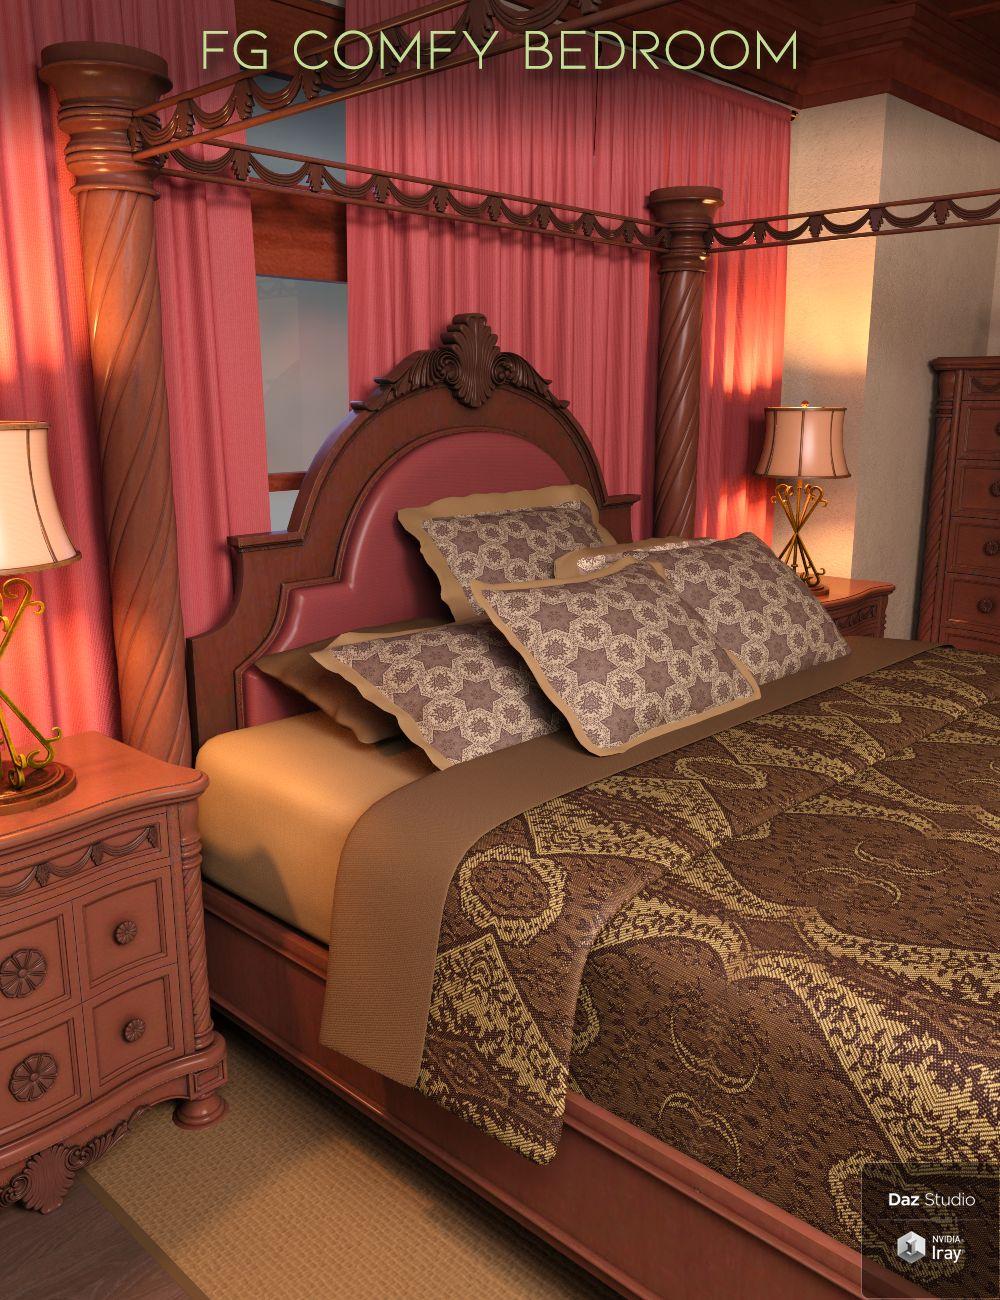 FG Comfy Bedroom by: Paper TigerFugazi1968Ironman, 3D Models by Daz 3D